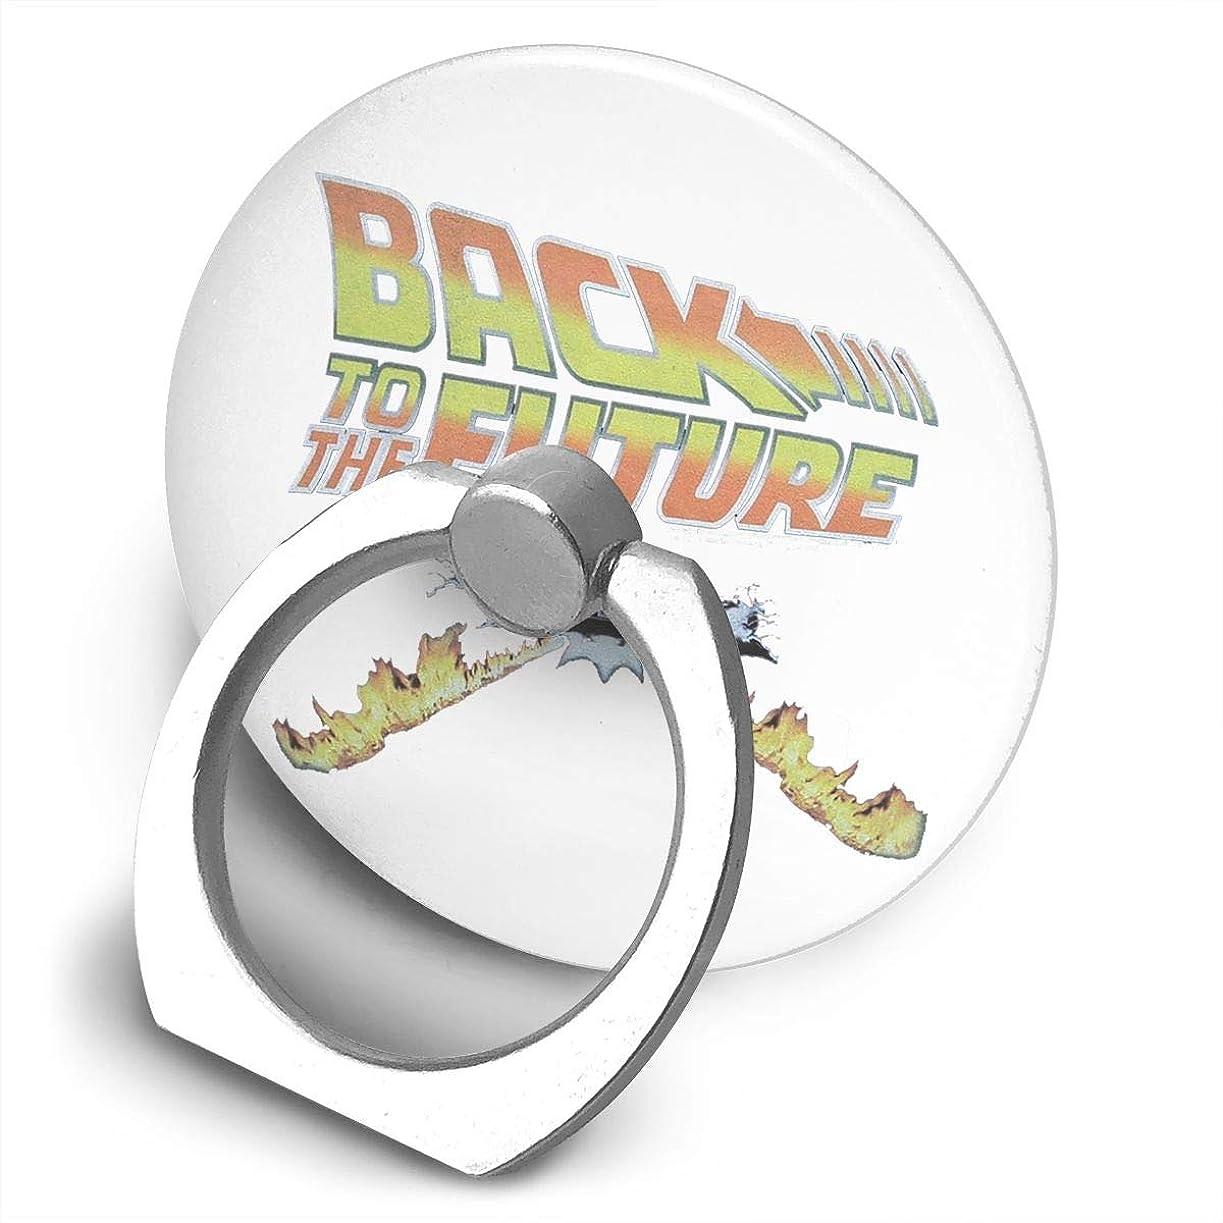 鉱石また願望バックトゥザフューチャー BACK TO THE FUTURE スマホ リング ホールドリング 指輪リング 薄型 おしゃれ スタンド機能 落下防止 360度回転 タブレット/スマホ IPhone/Android各種他対応